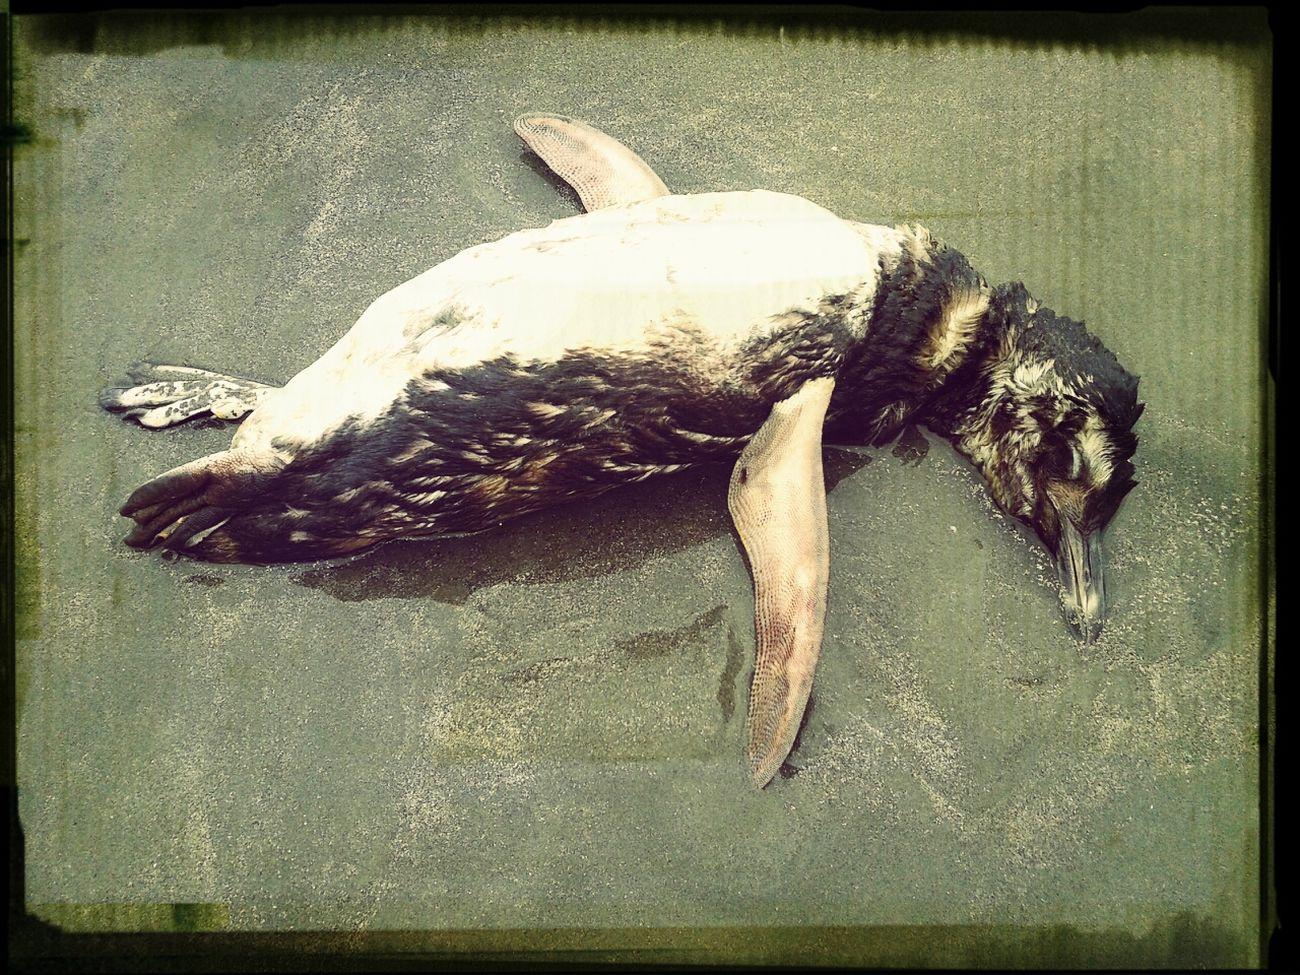 que pena, achamos um pinguim morto:'(